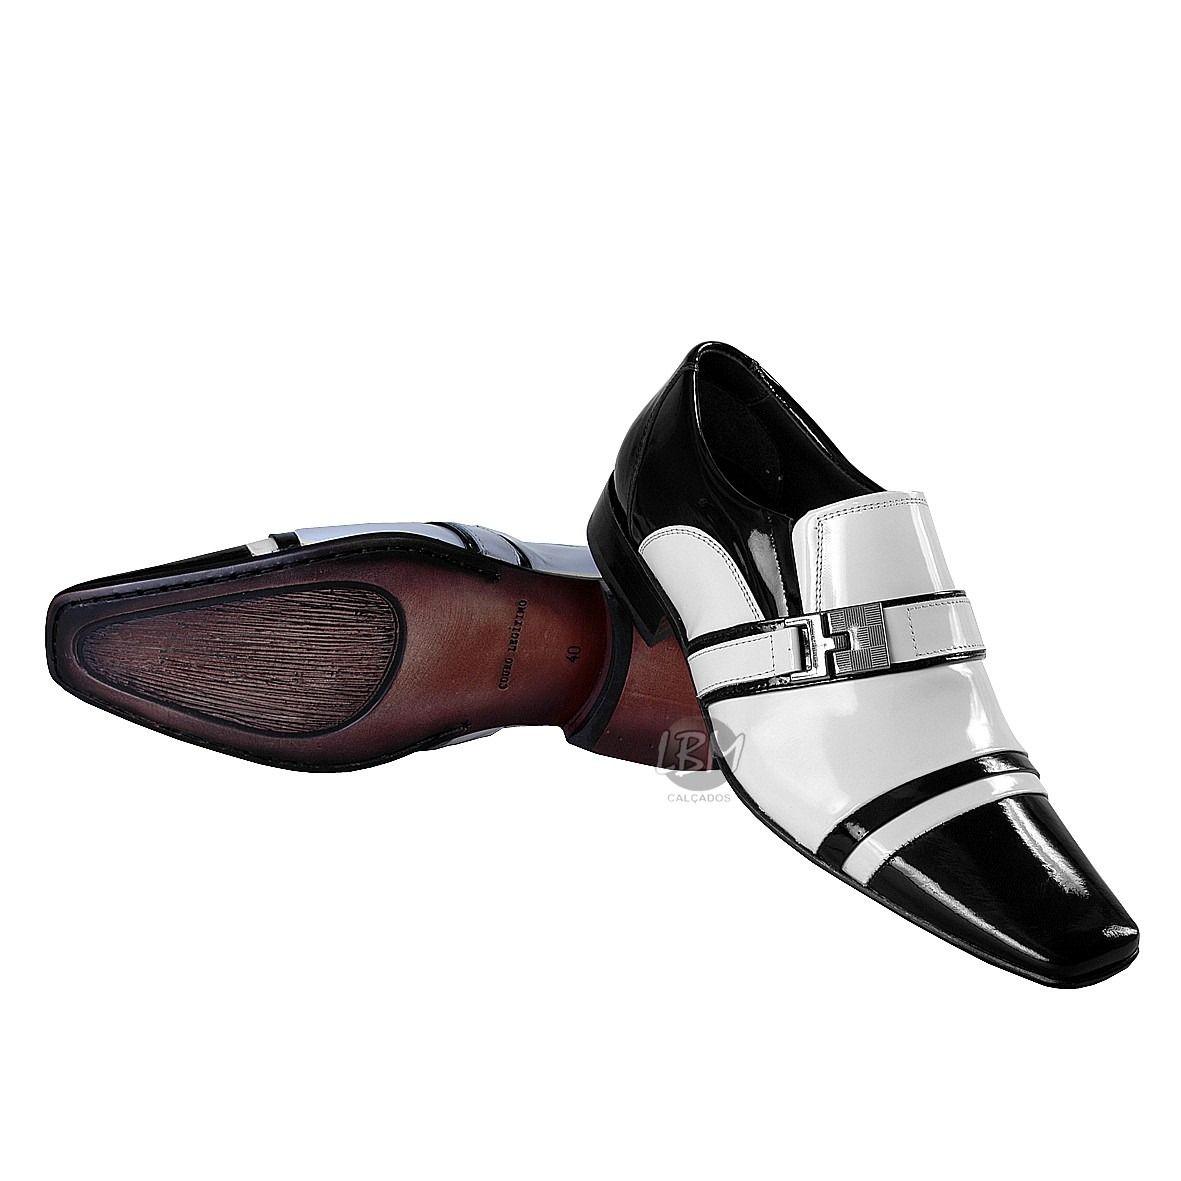 52112fa84 Sapato Social De Verniz Sapatos Formais, Melhores Roupas, Coisas De Homens,  Calça Masculina